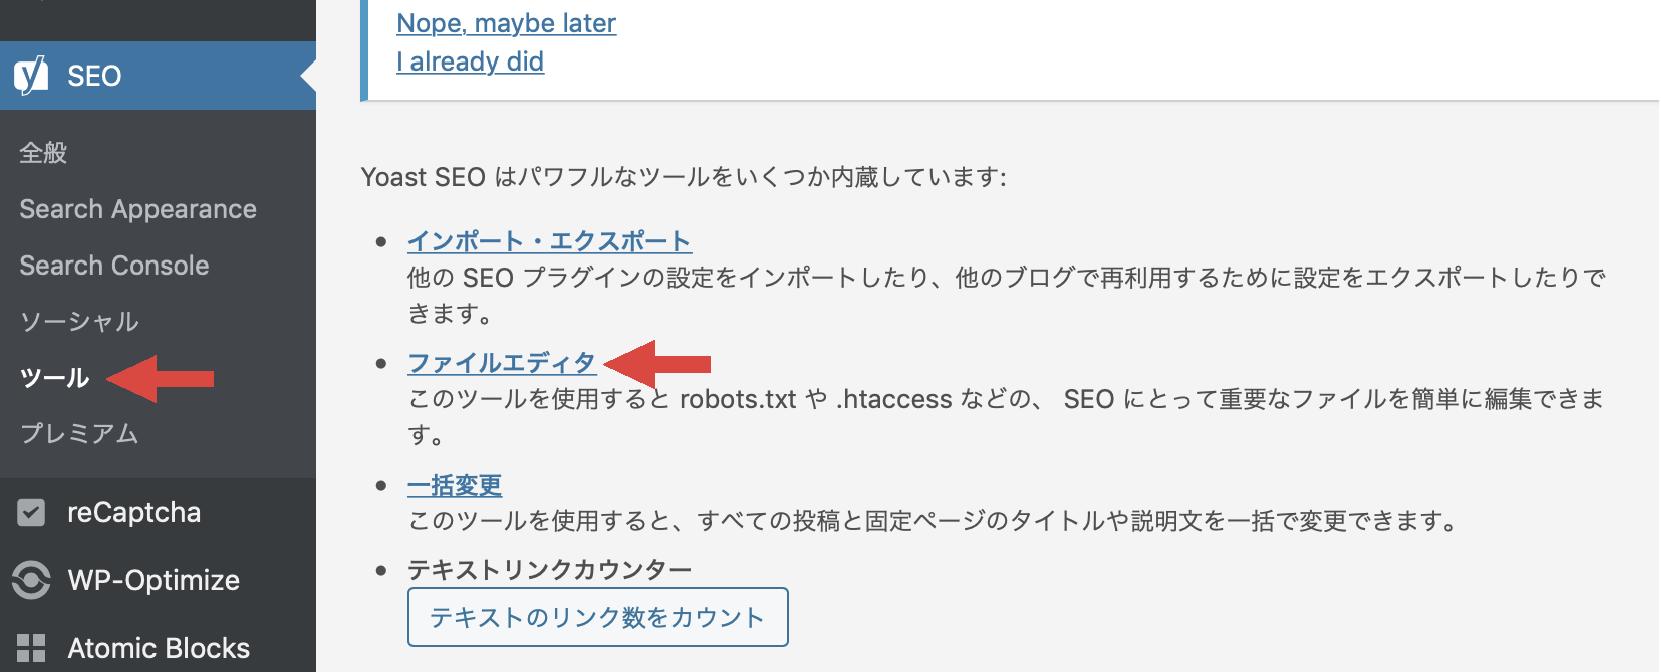 Yoast SEOでのRobots.txtの作り方 1